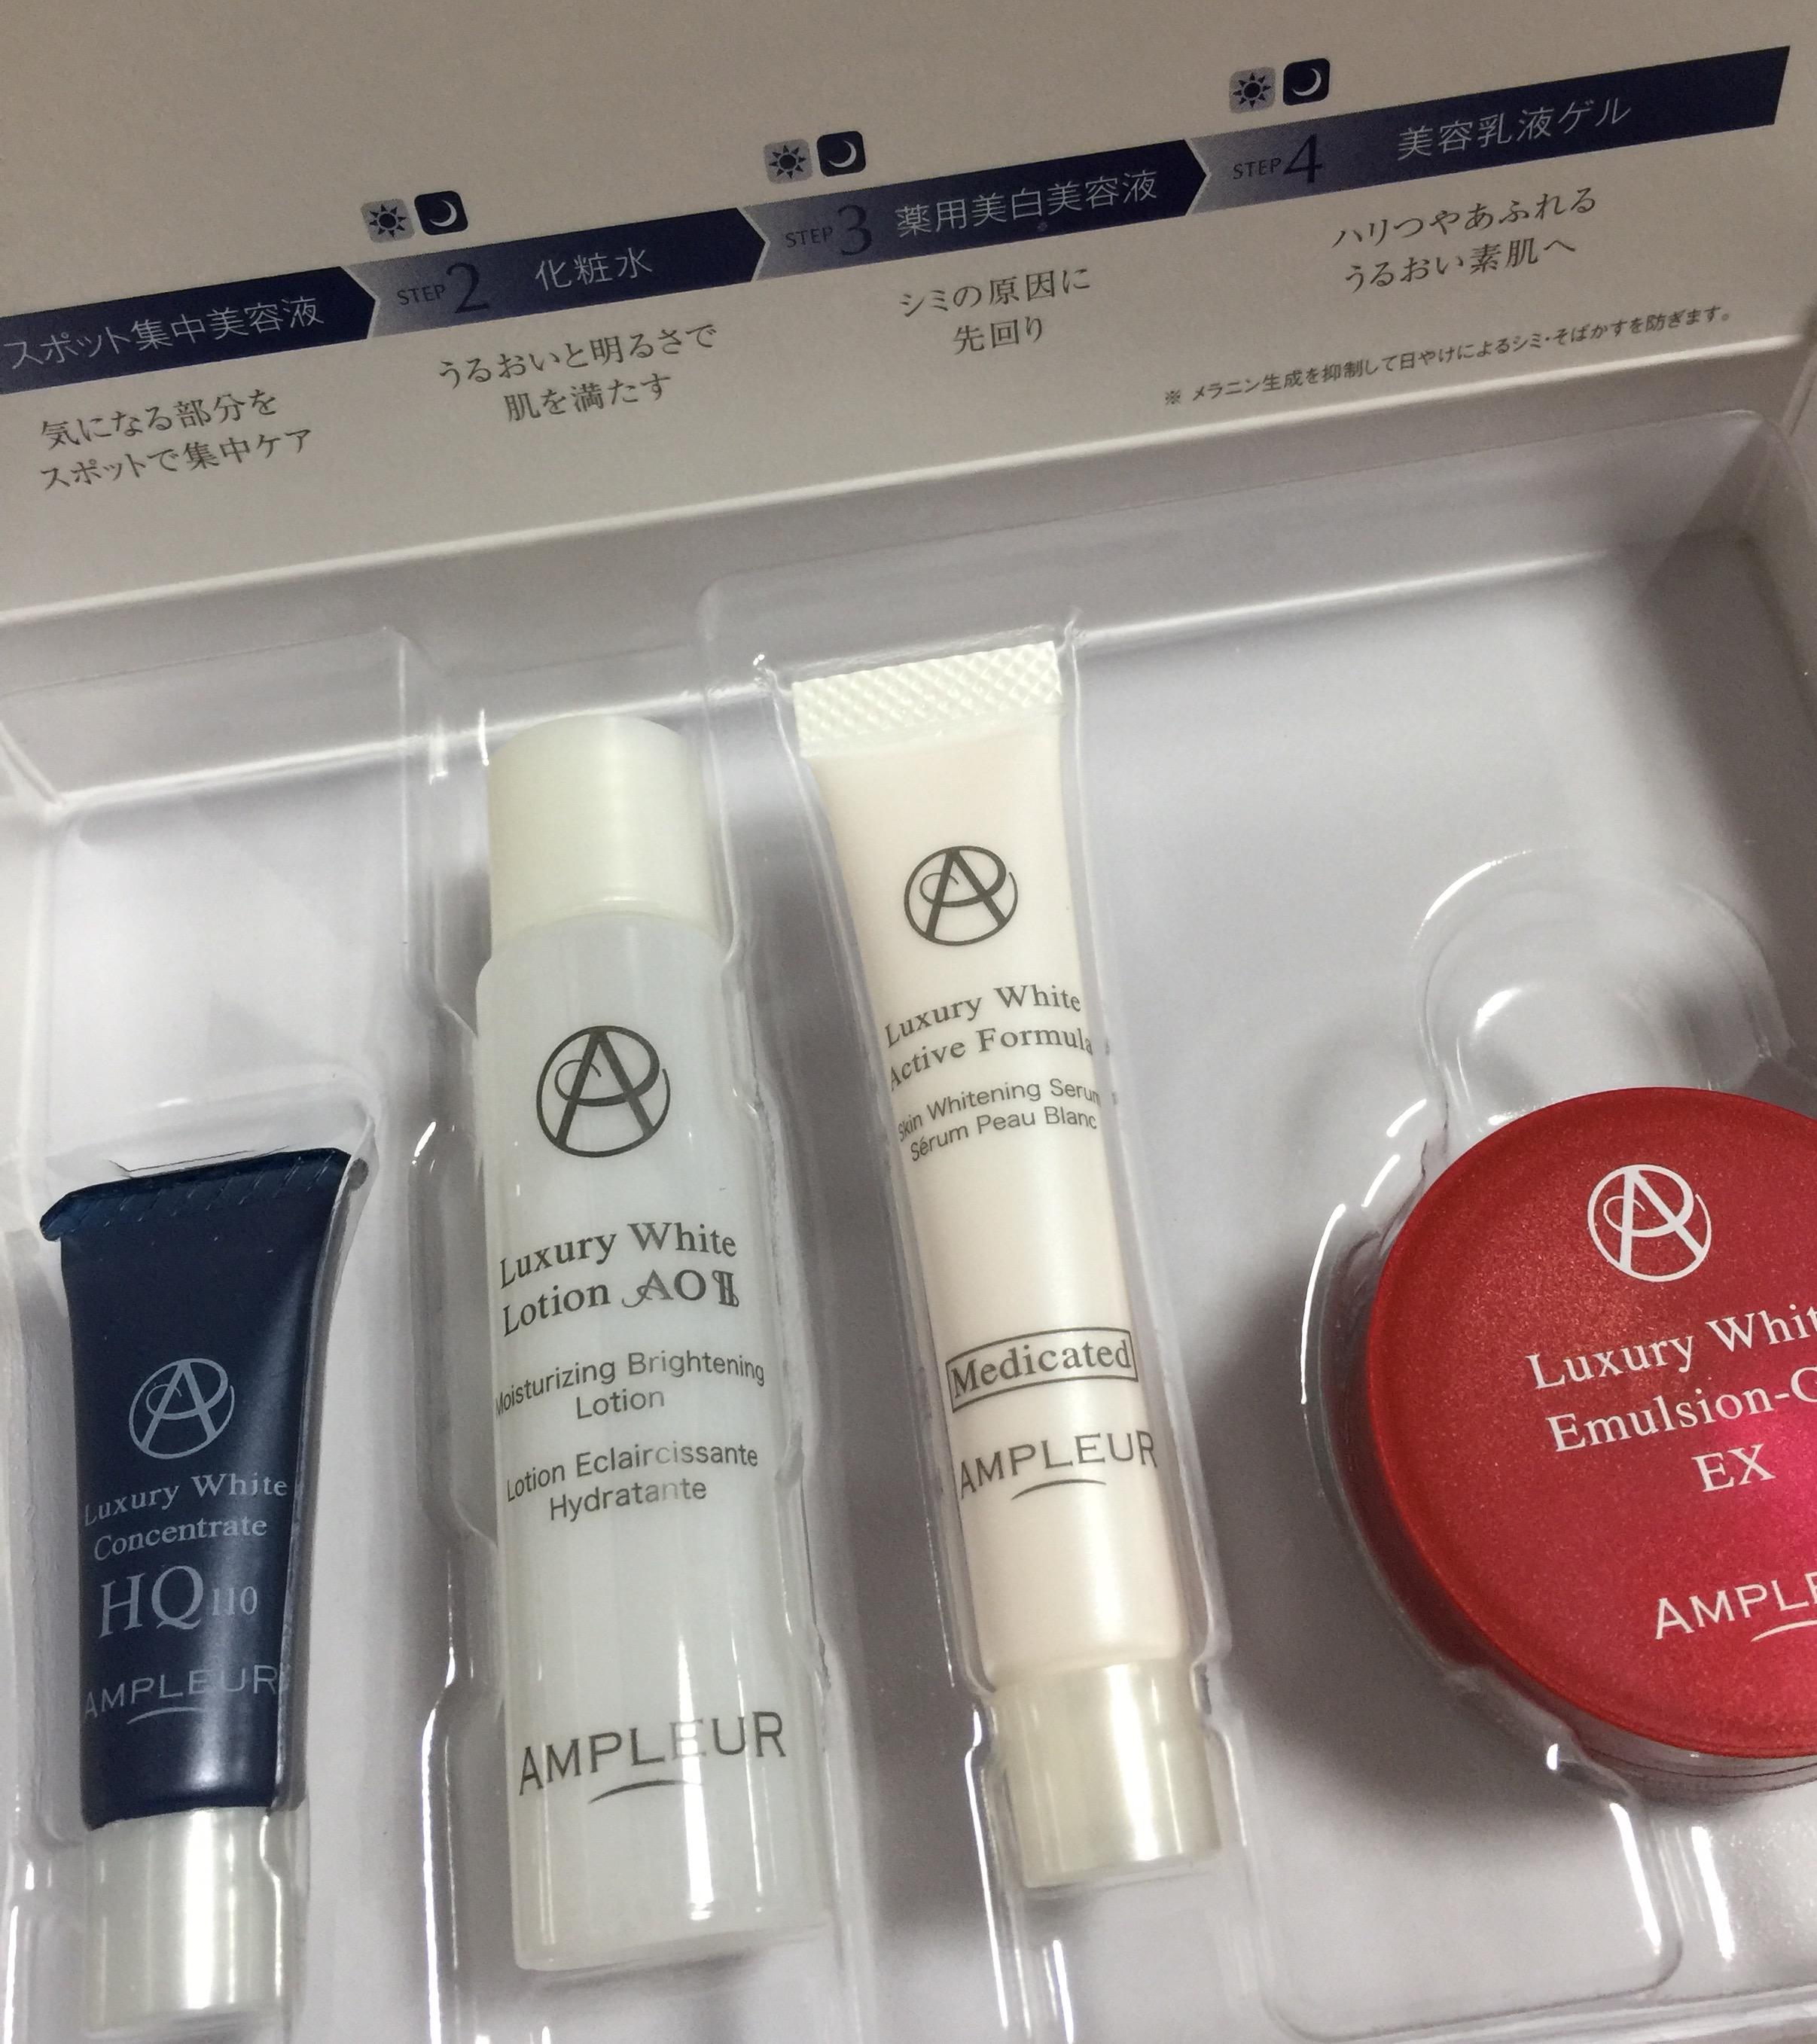 美白基礎化粧品のアンプルールトライアルキット